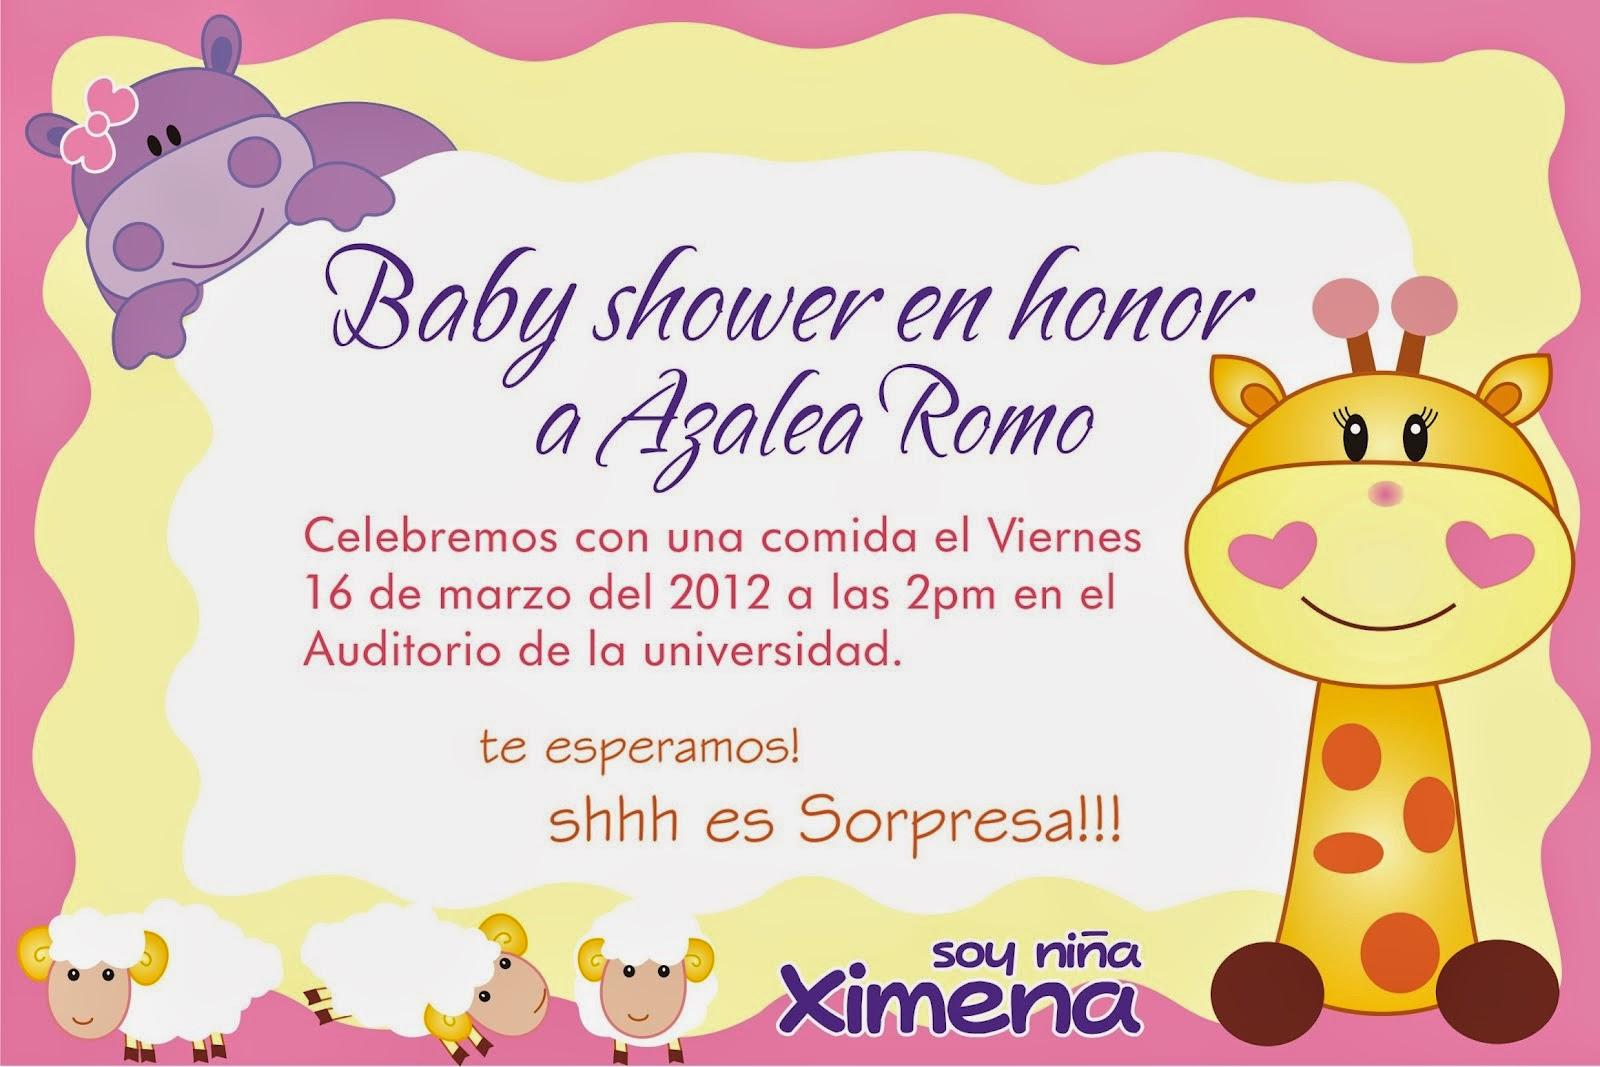 Tarjetas De Invitacin Para Baby Shower Nia Baby Shower Tarjetas De  Invitacin Para Baby Shower Nia With Ideas Para Baby Shower De Nia.